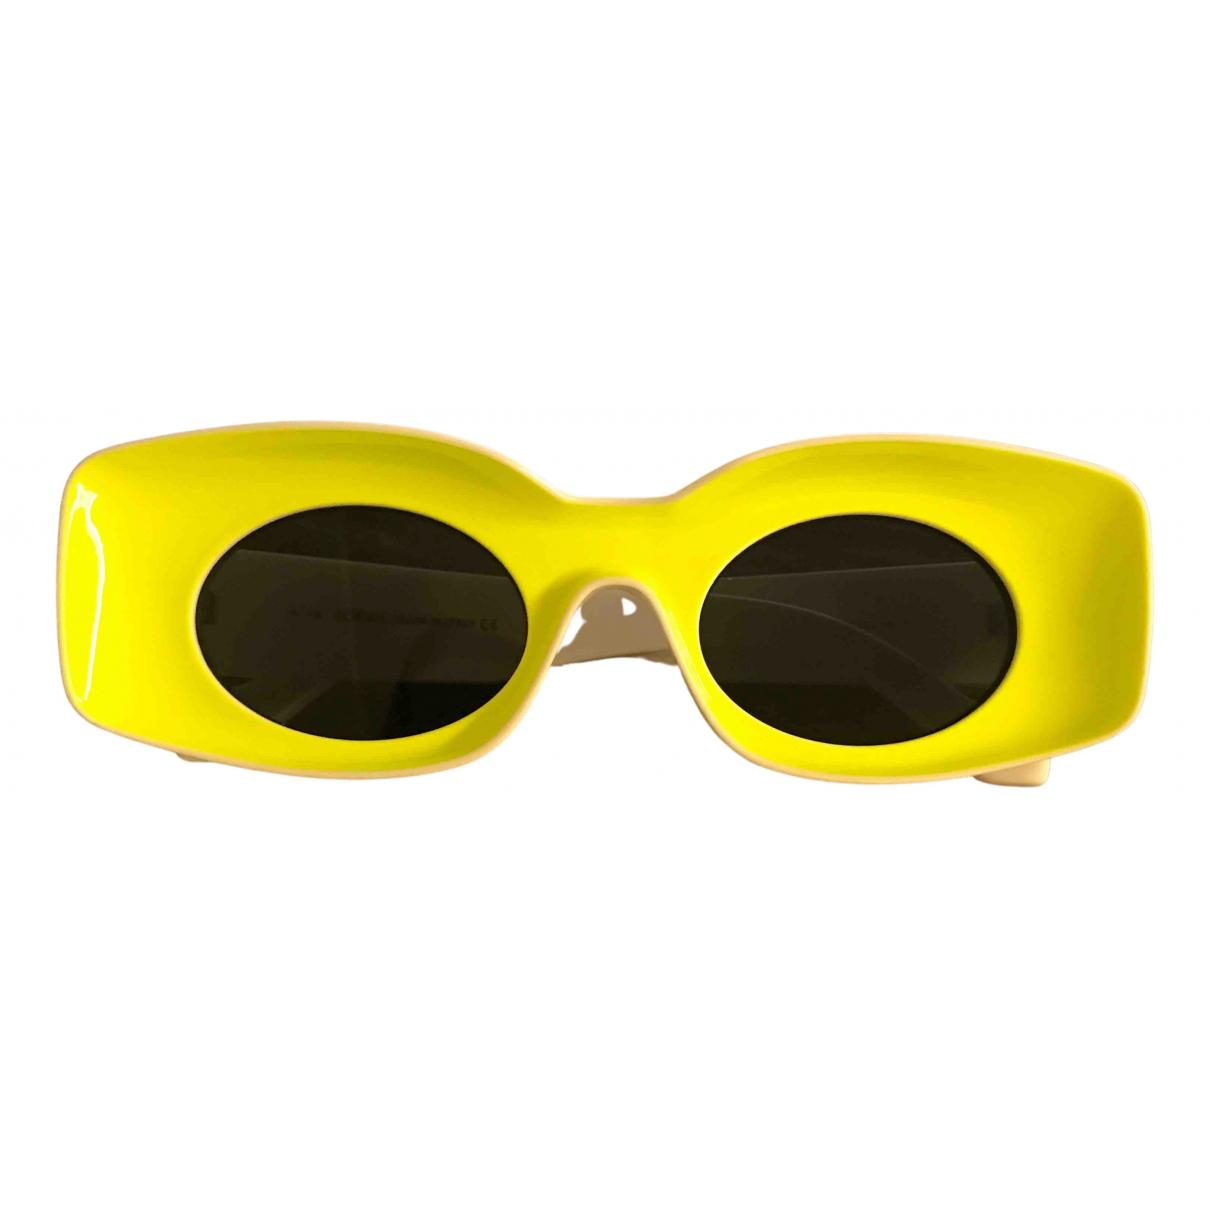 Loewe - Lunettes   pour femme - jaune